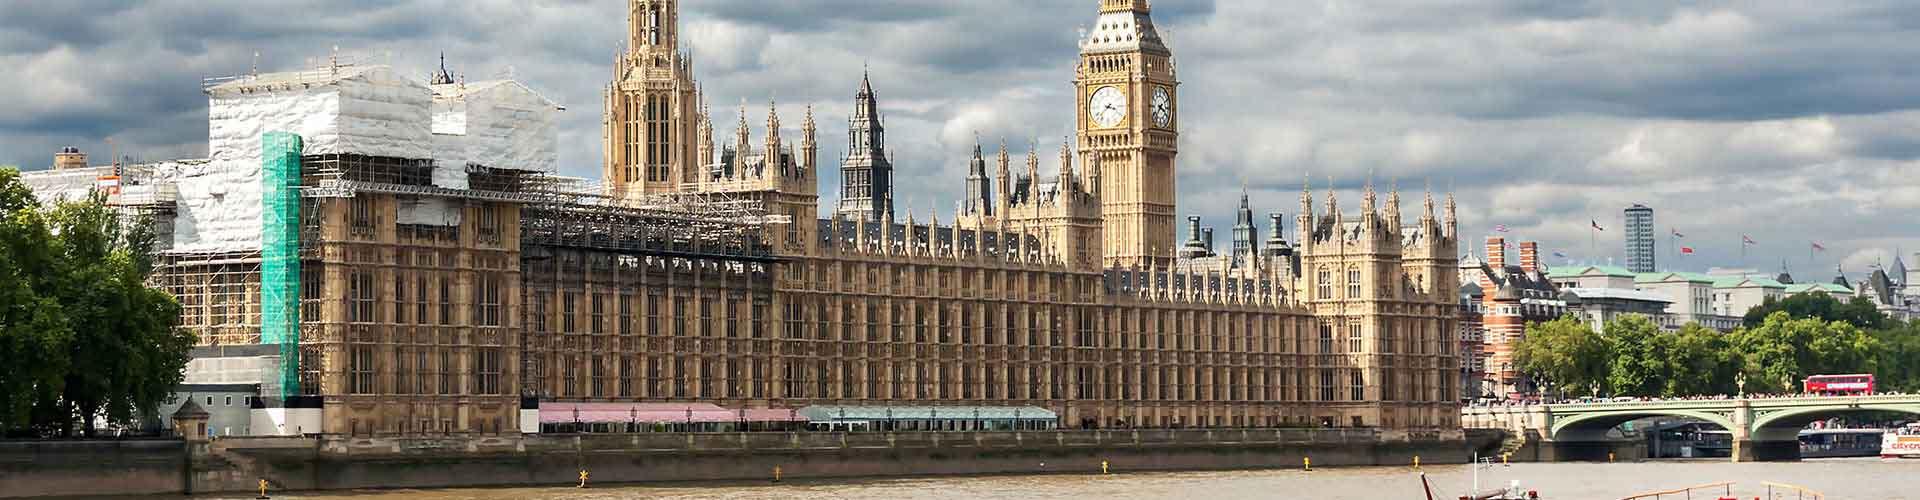 Lontoo – Hostellit lähellä Westminsterin palatsi. Lontoo -karttoja, valokuvia ja arvosteluja kaikista Lontoo -hostelleista.